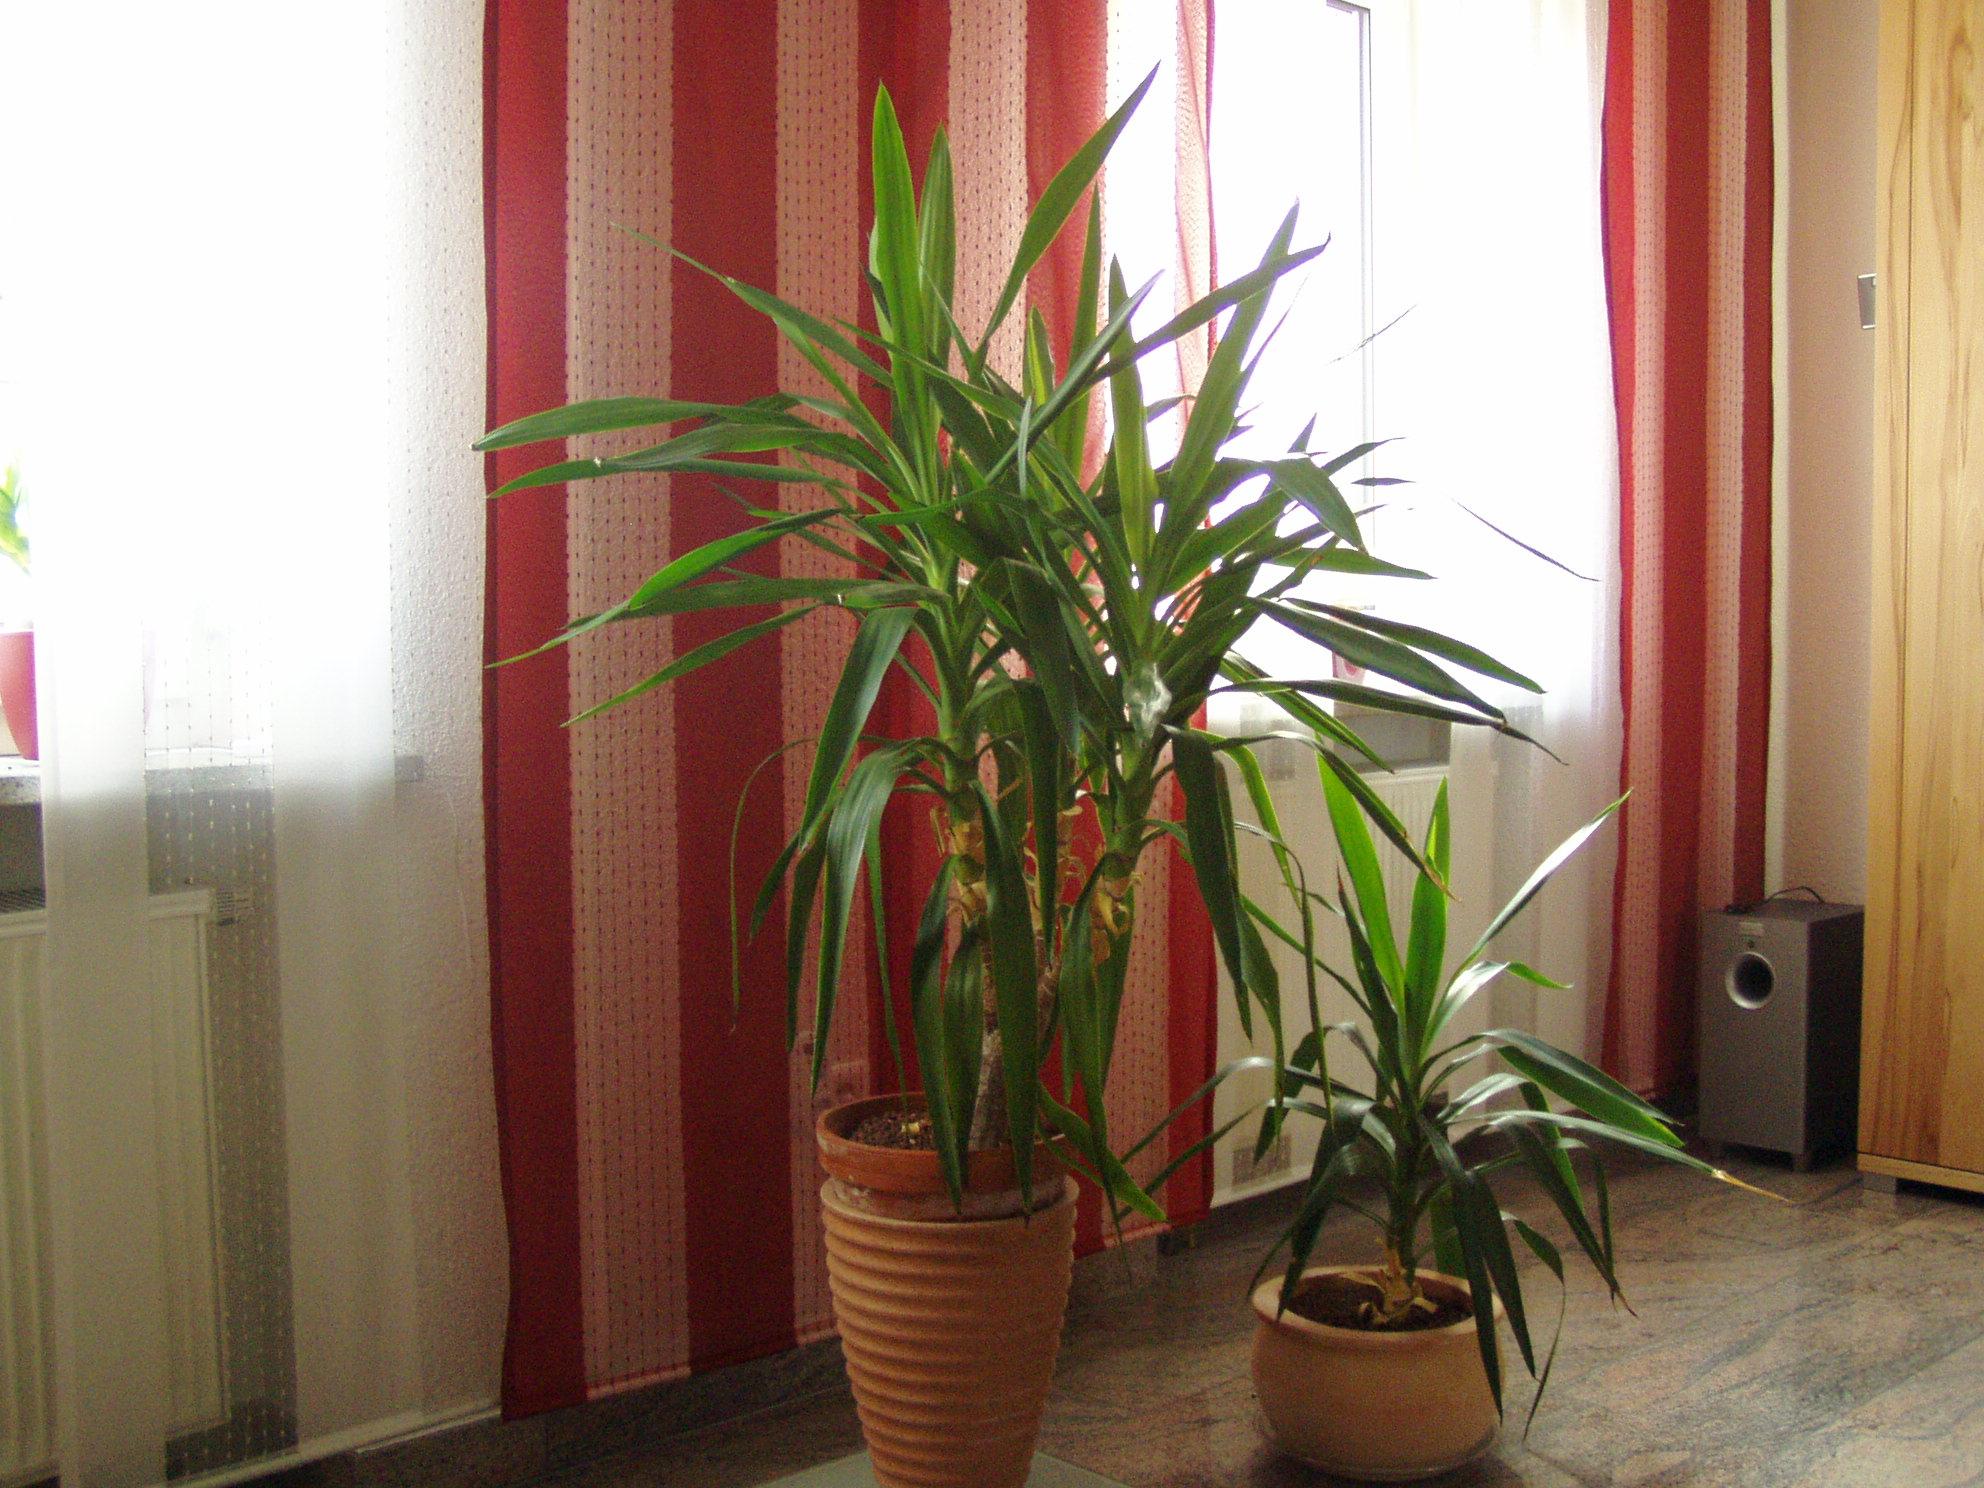 suche dringend hilfe f r meine yucca palme haus garten forum. Black Bedroom Furniture Sets. Home Design Ideas